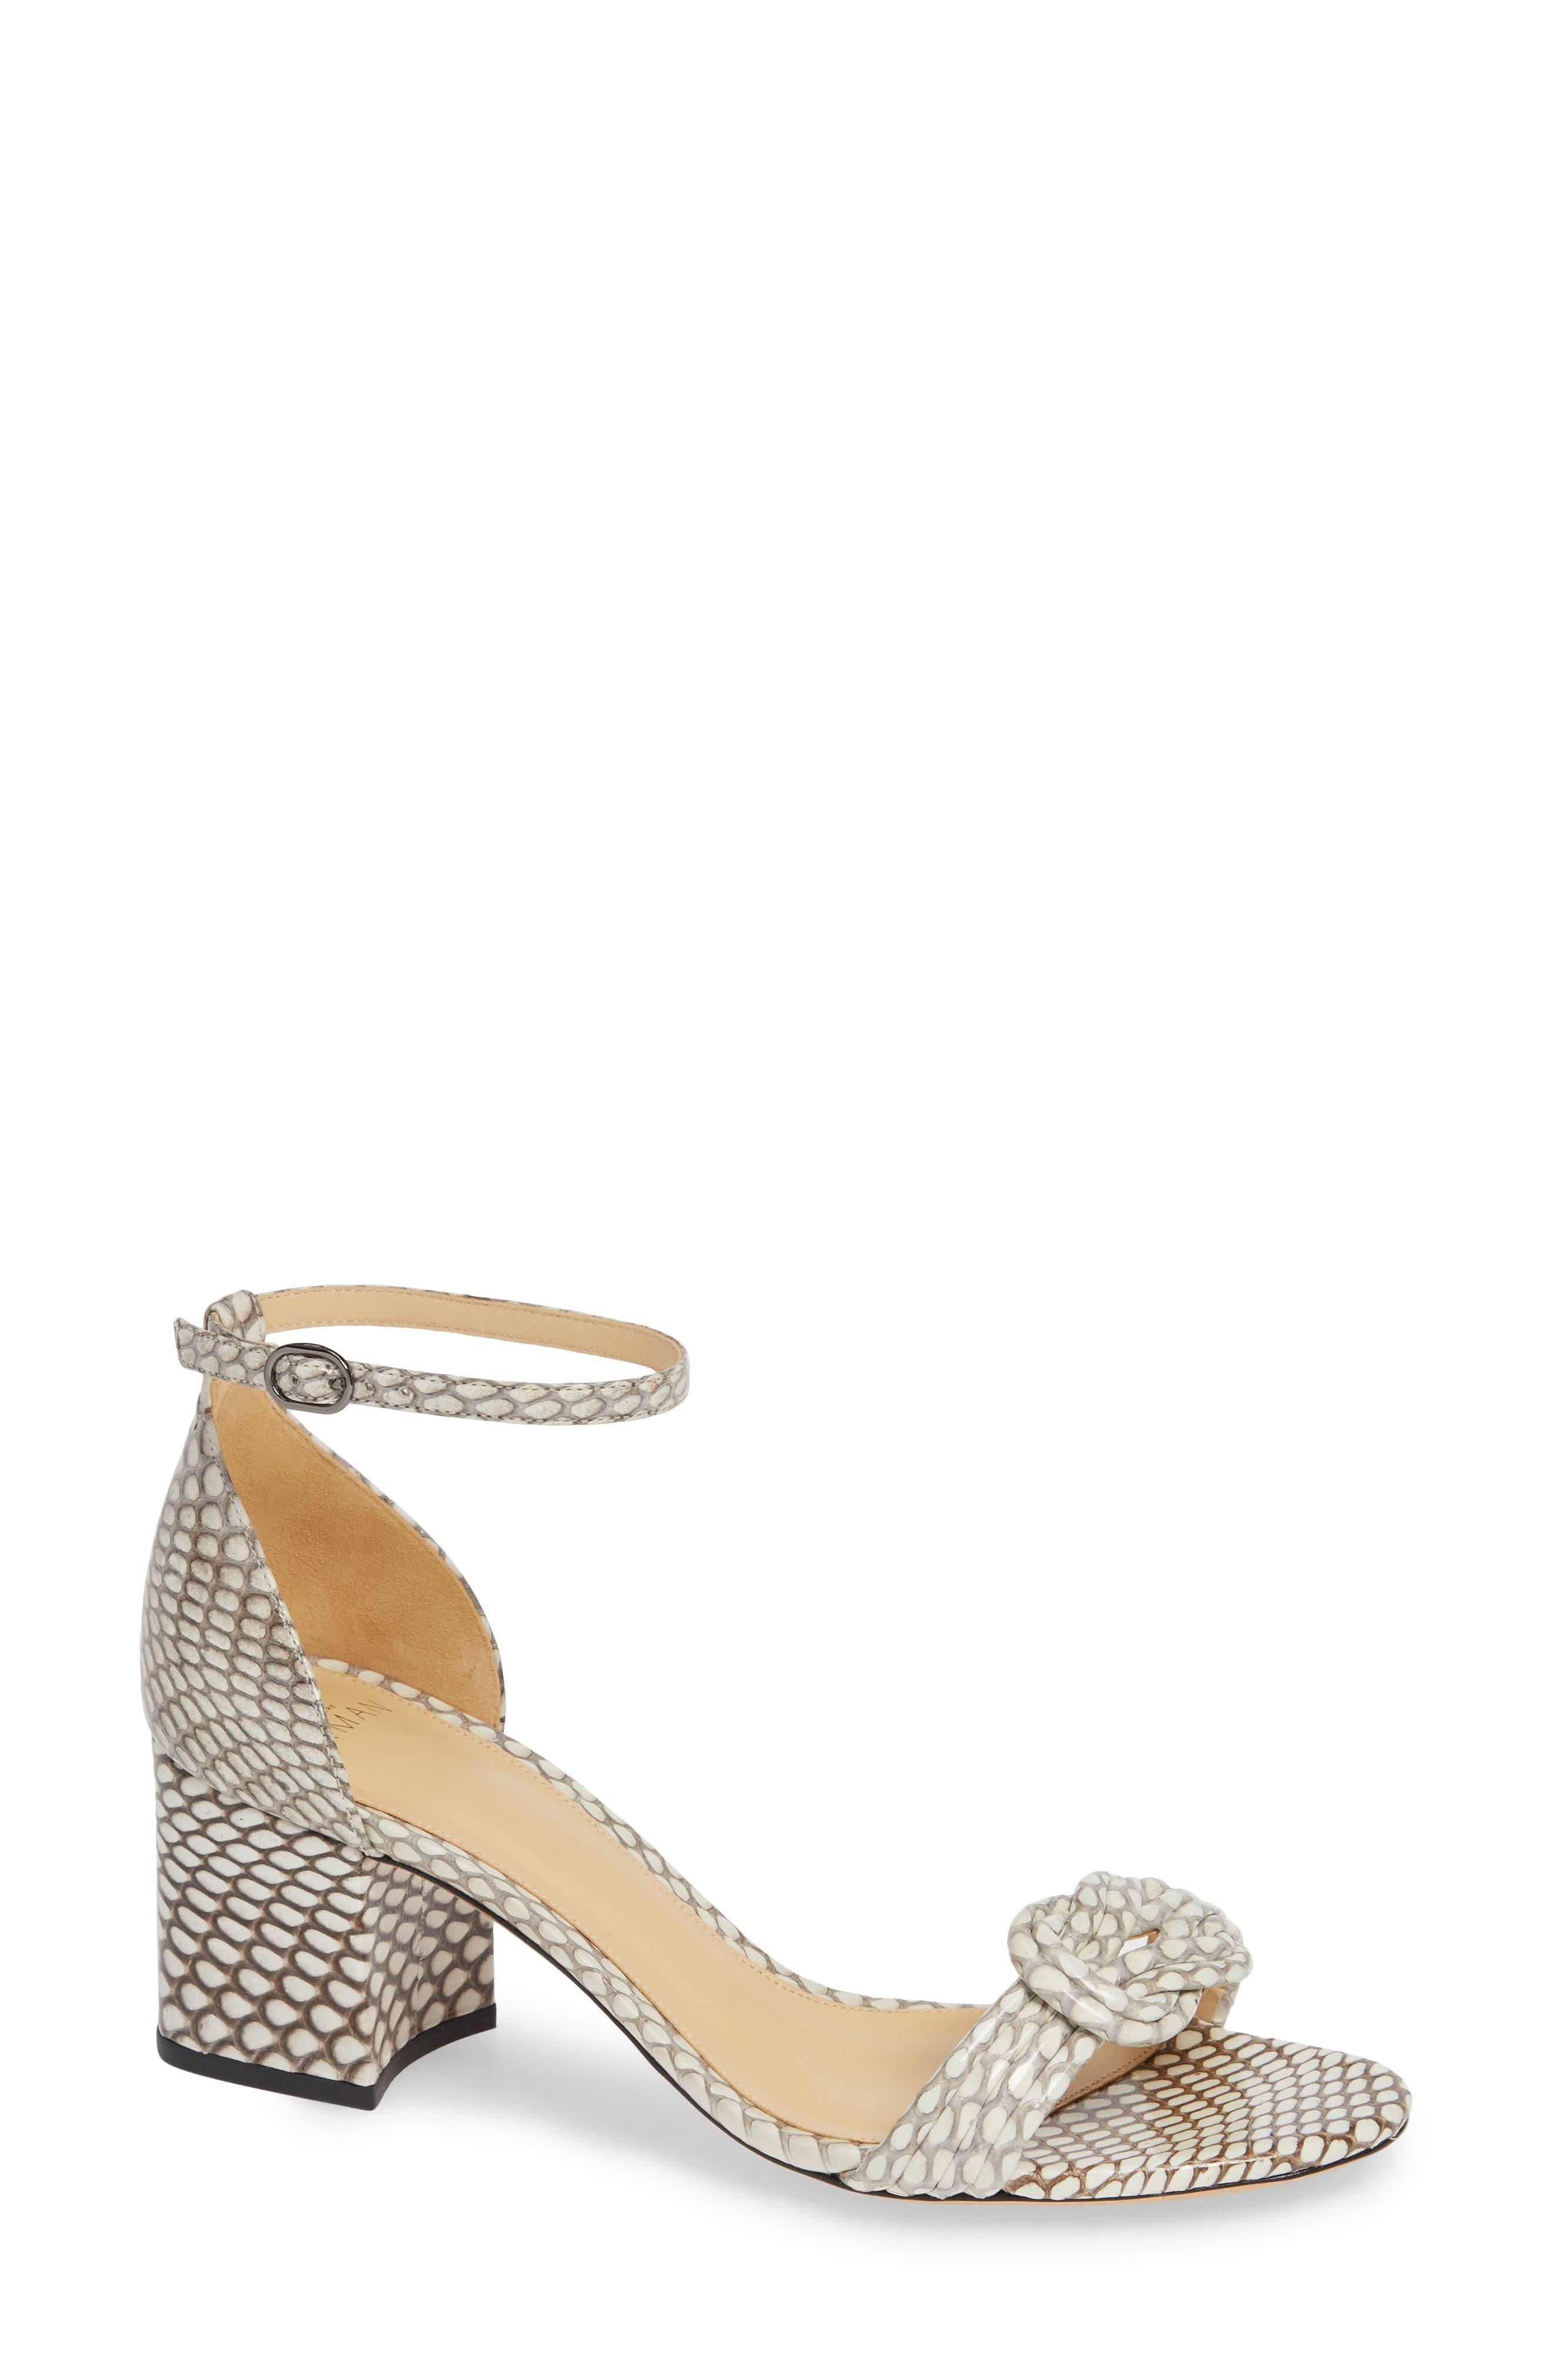 ALEXANDRE BIRMAN Vicky Genuine Snakeskin Sandal, Main, color, NATURAL SNAKESKIN